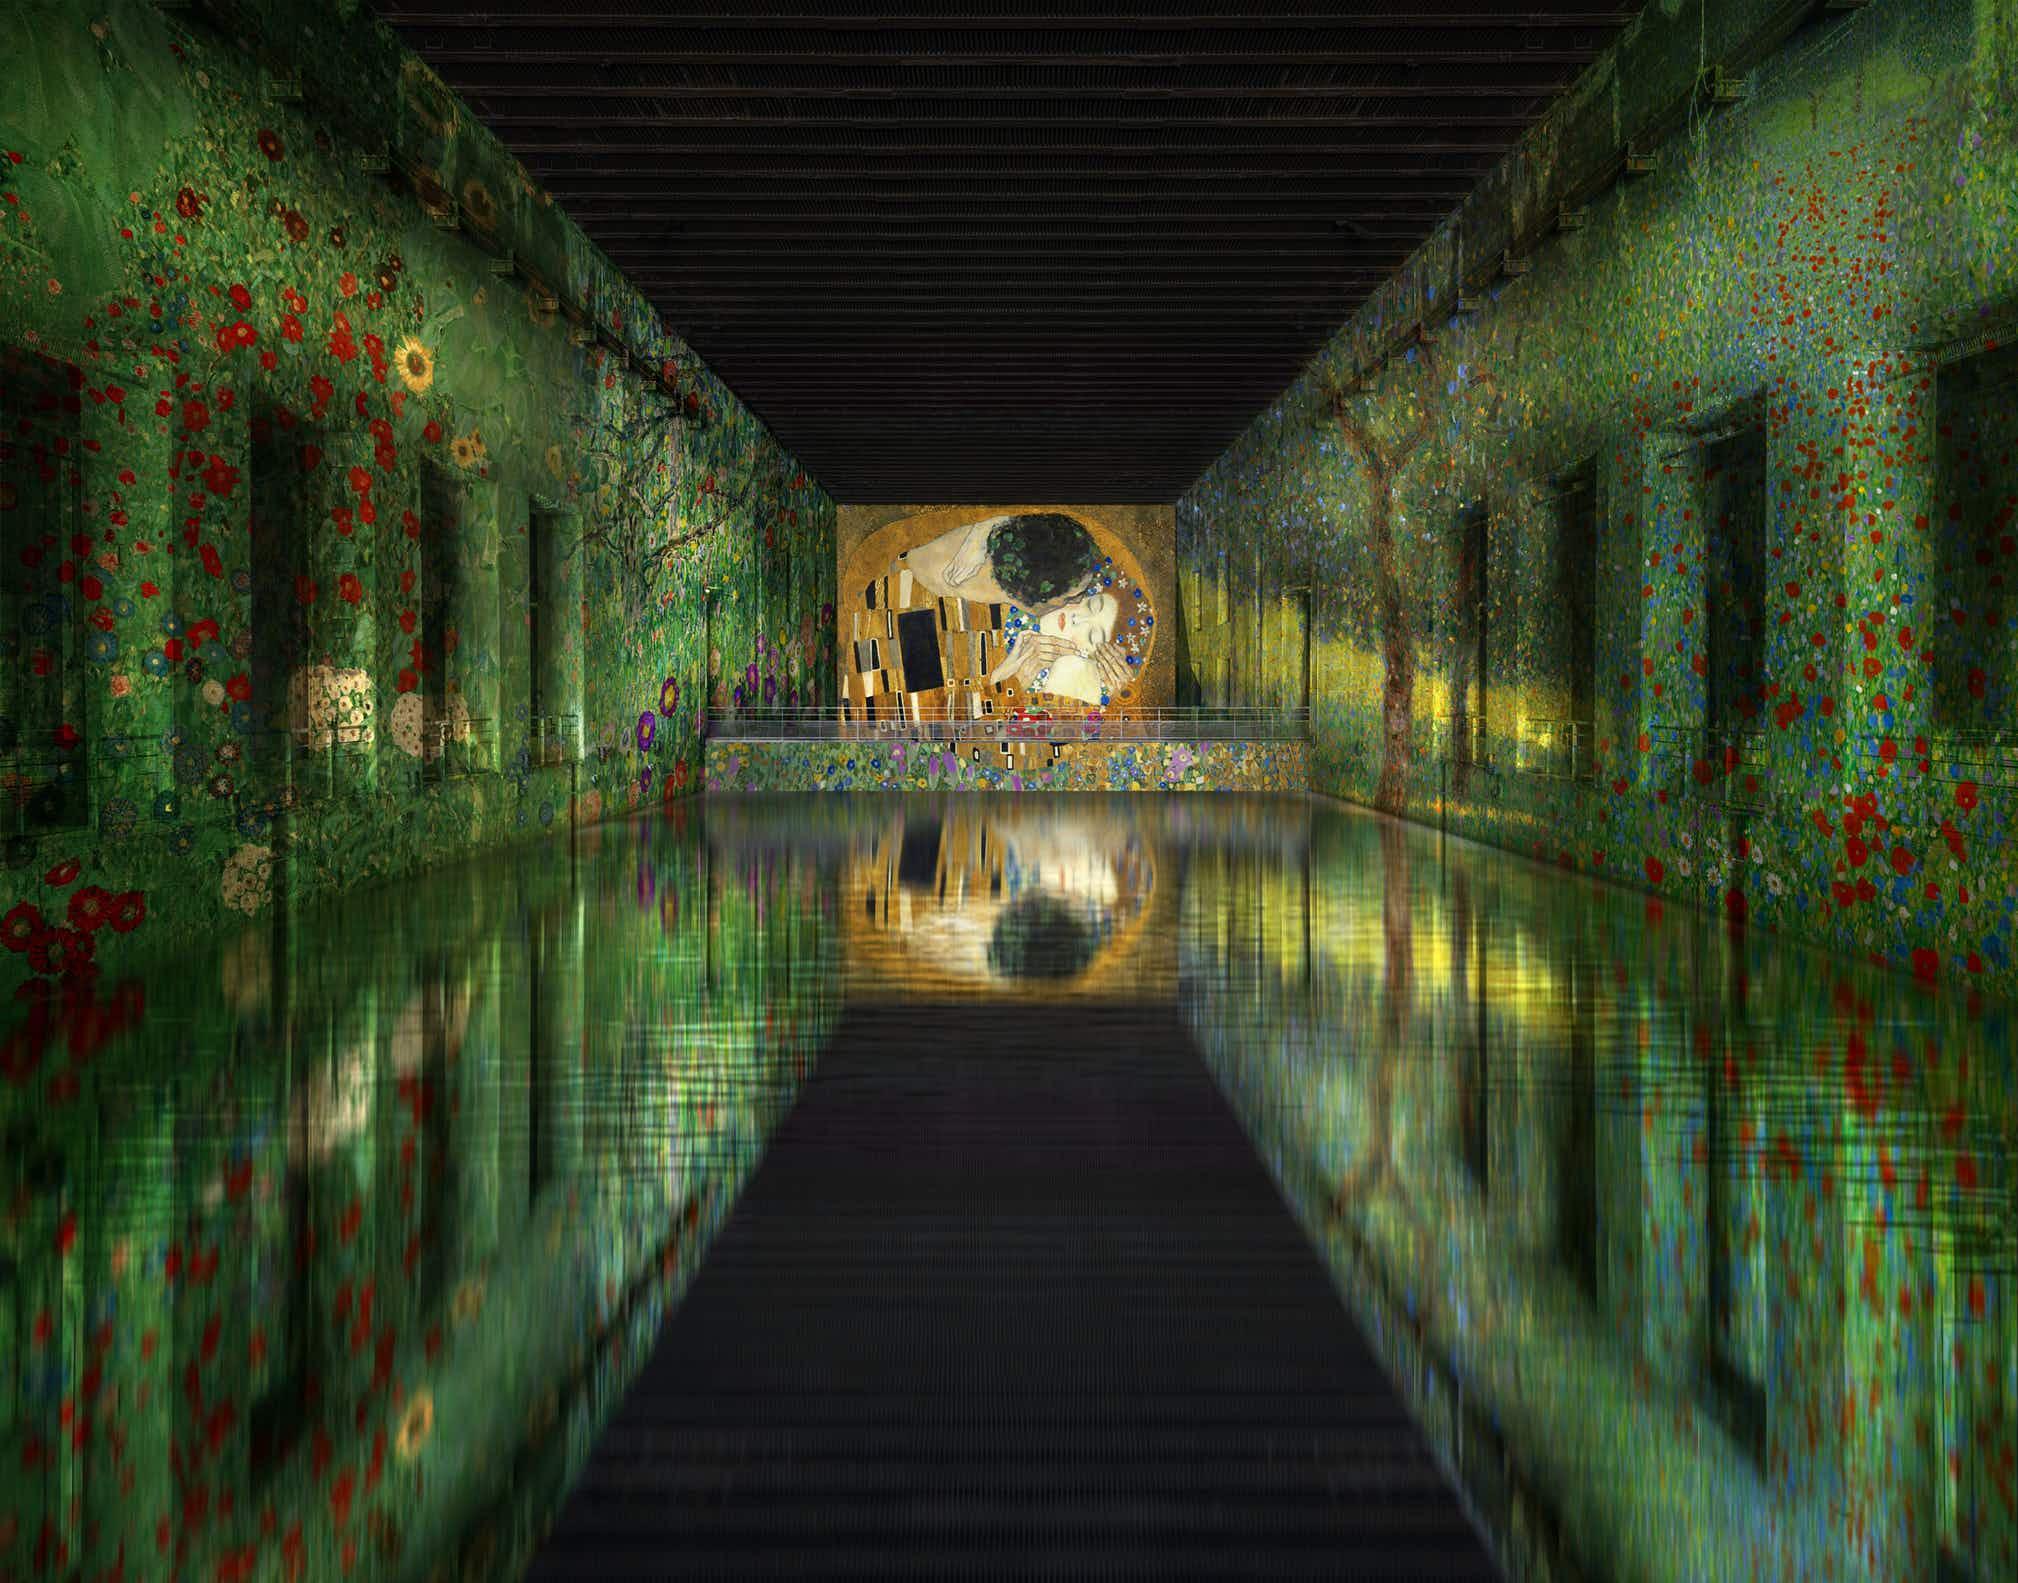 Bassins de Lumières will open on 17April 2020. Culturespaces - Nuit de Chine ; © De Agostini Picture Library / E. Lessing / Bridgeman Images ; © akg-images / Erich Lessing